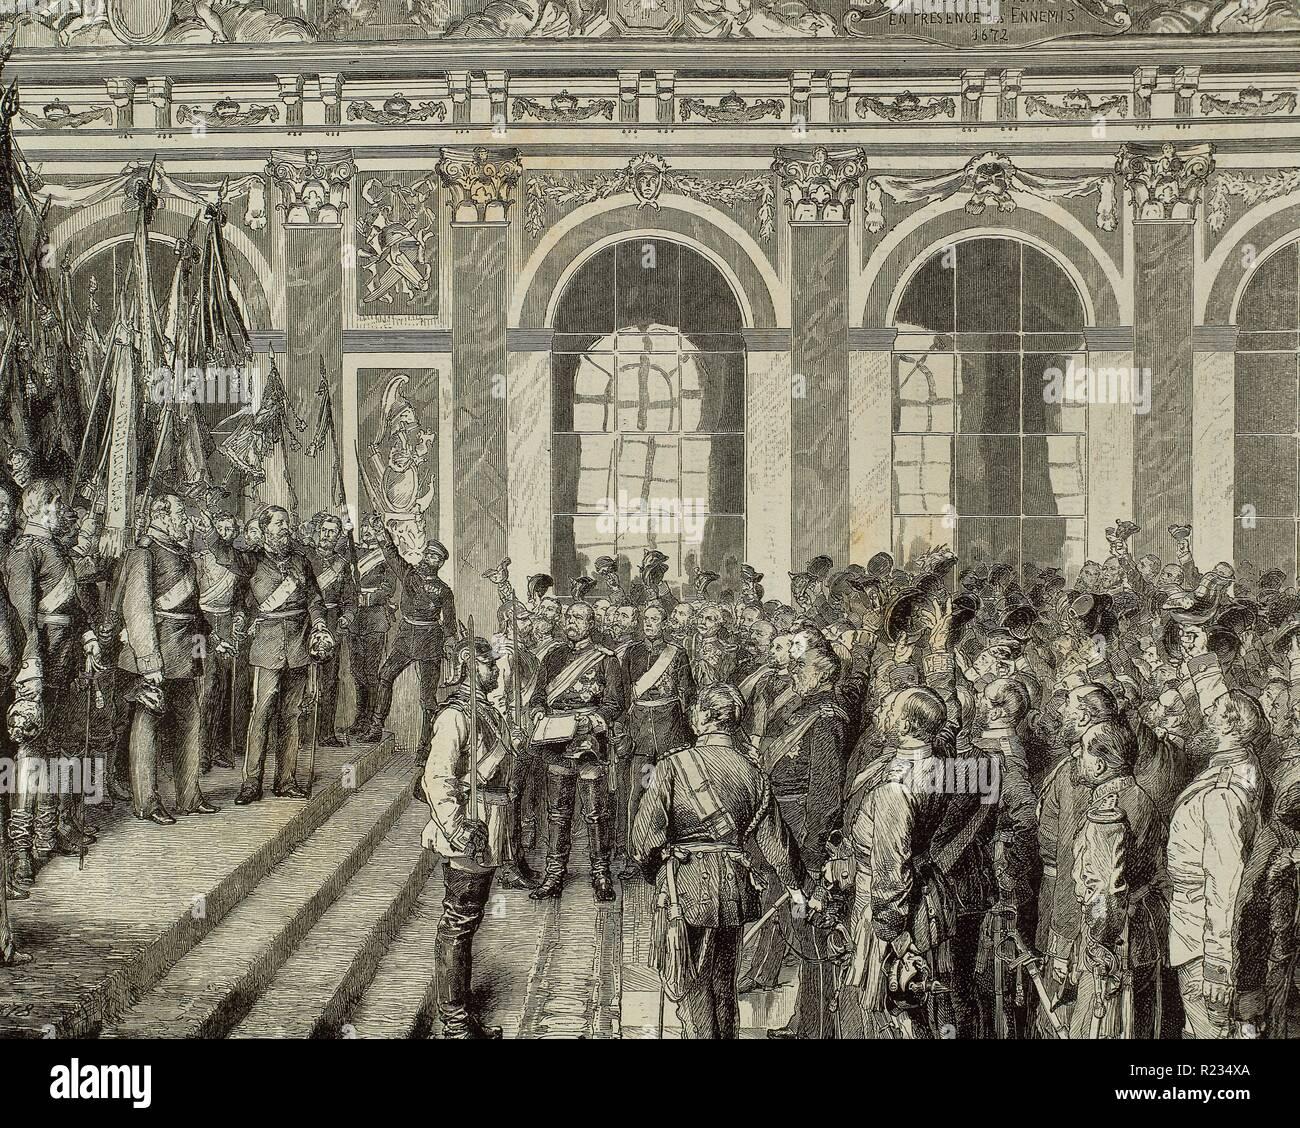 Guillermo I (Berlín, 1797-Berlín, 1888). Rey de Prusia (1861-1888) y Emperador de Alemania (1871-1888). Proclamación de Guillermo I como Emperador Alemán en la Galería de los Espejos del Palacio de Versalles, el 18 de enero de 1871. Grabado por A. Closs. - Stock Image